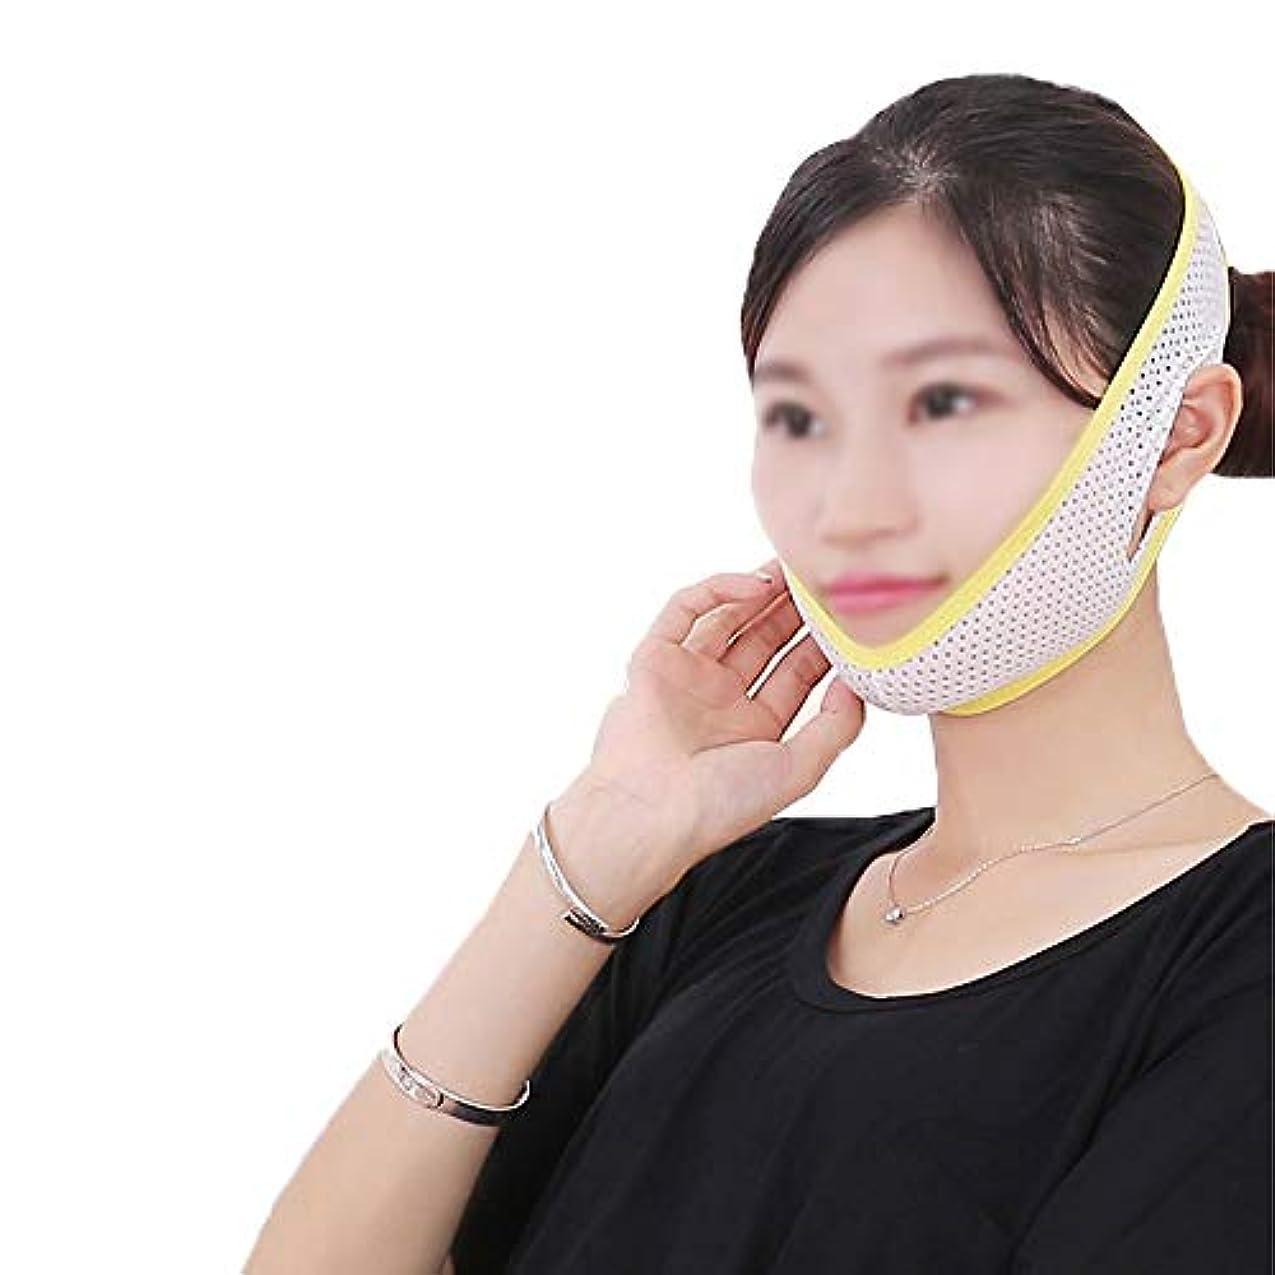 農村お嬢想像力GLJJQMY 顔と首リフト薄いフェイスマスク強力な薄いフェイスツール締め付け薄いフェイスマスクアーティファクト薄いフェイス包帯薄い顔デバイス 顔用整形マスク (Size : M)